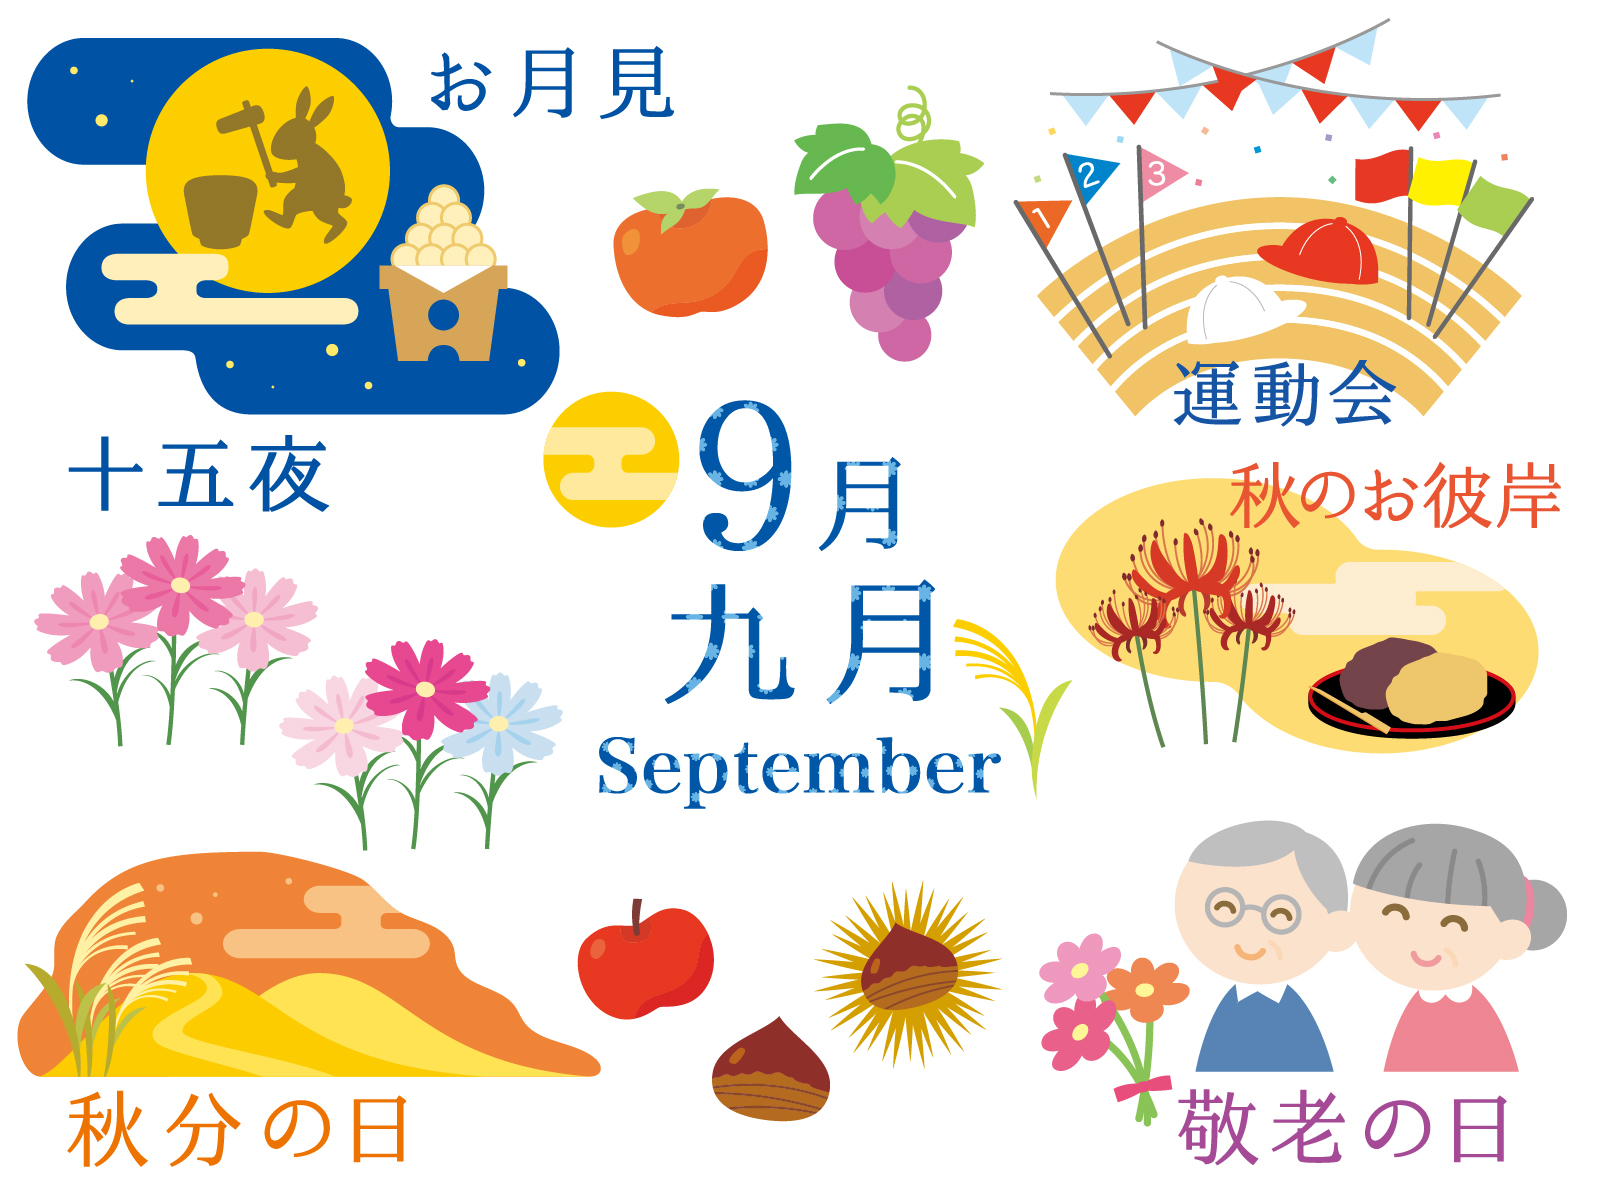 秋 とい えば 食べ物